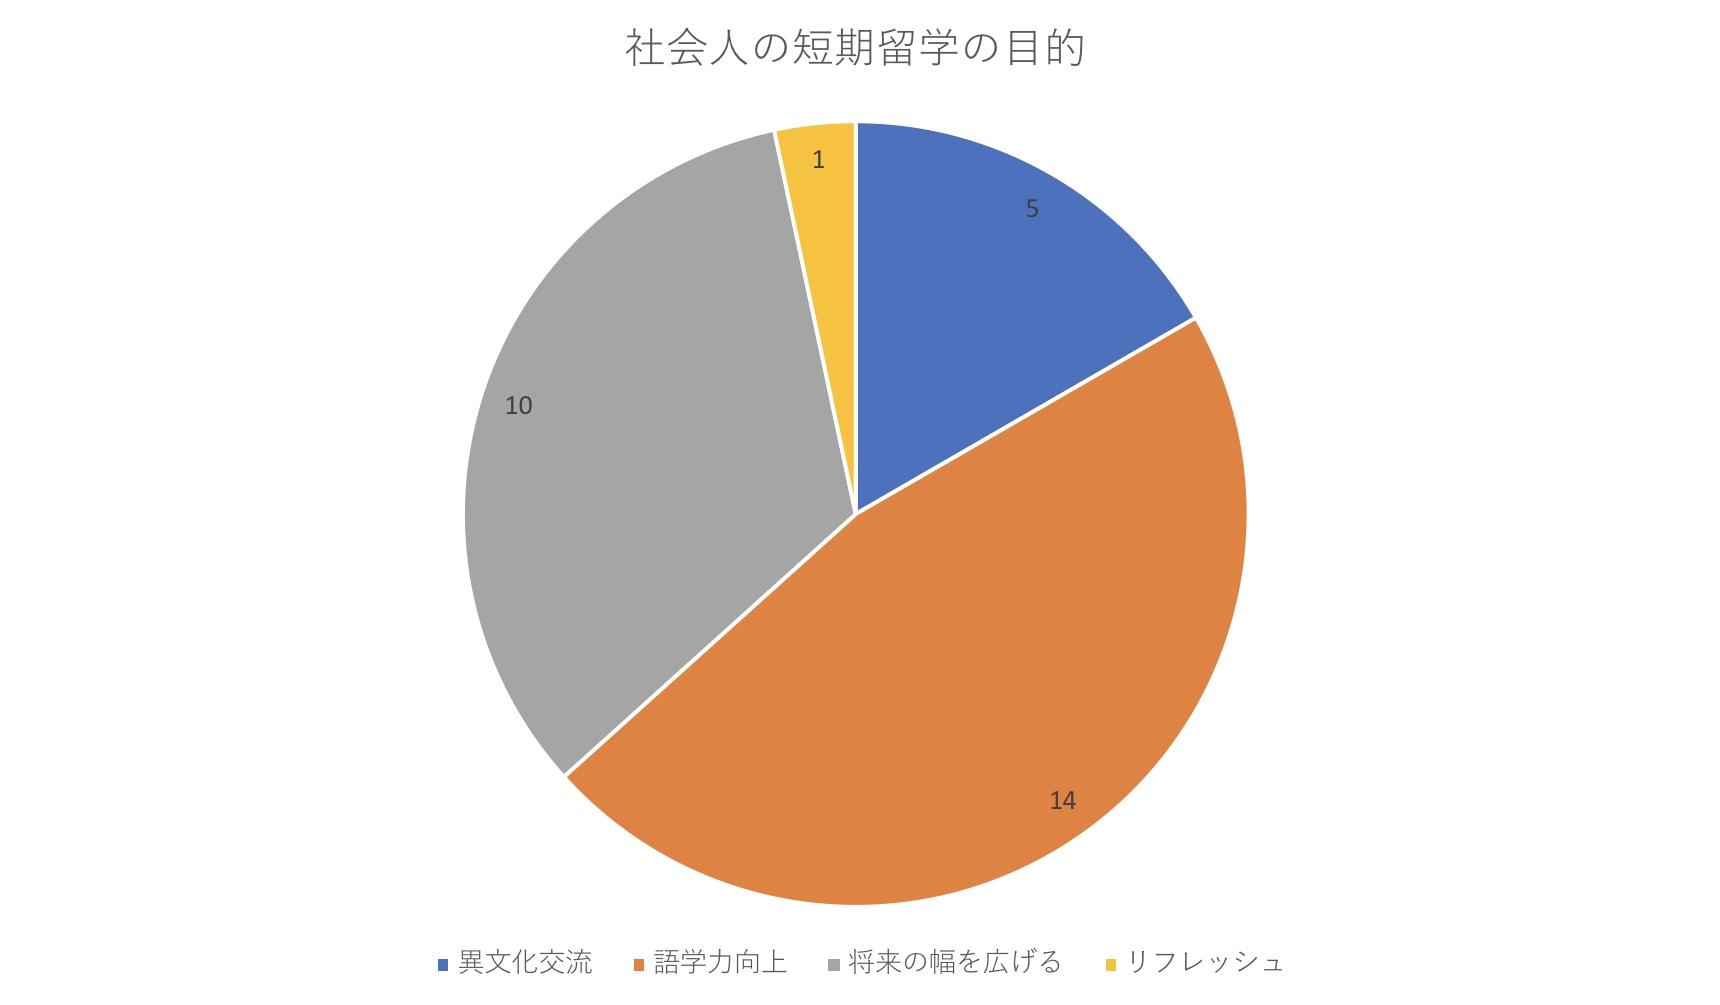 「社会人の短期留学の目的」に関するアンケート結果